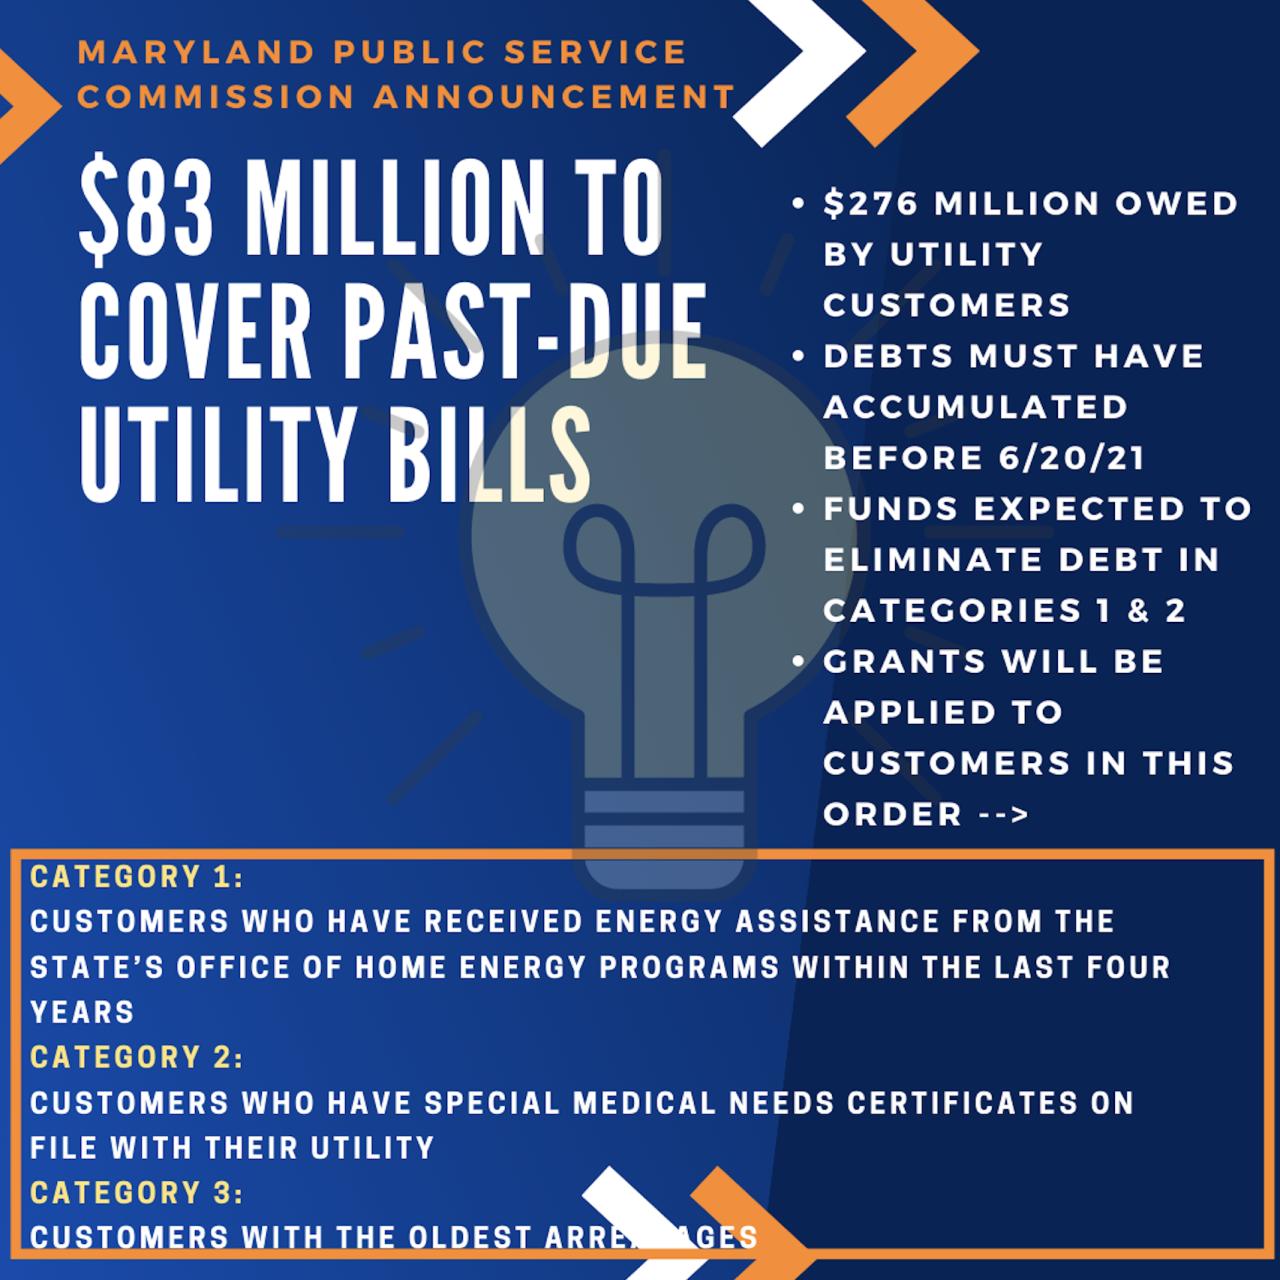 RELIEF ACT Utility Bills Funding